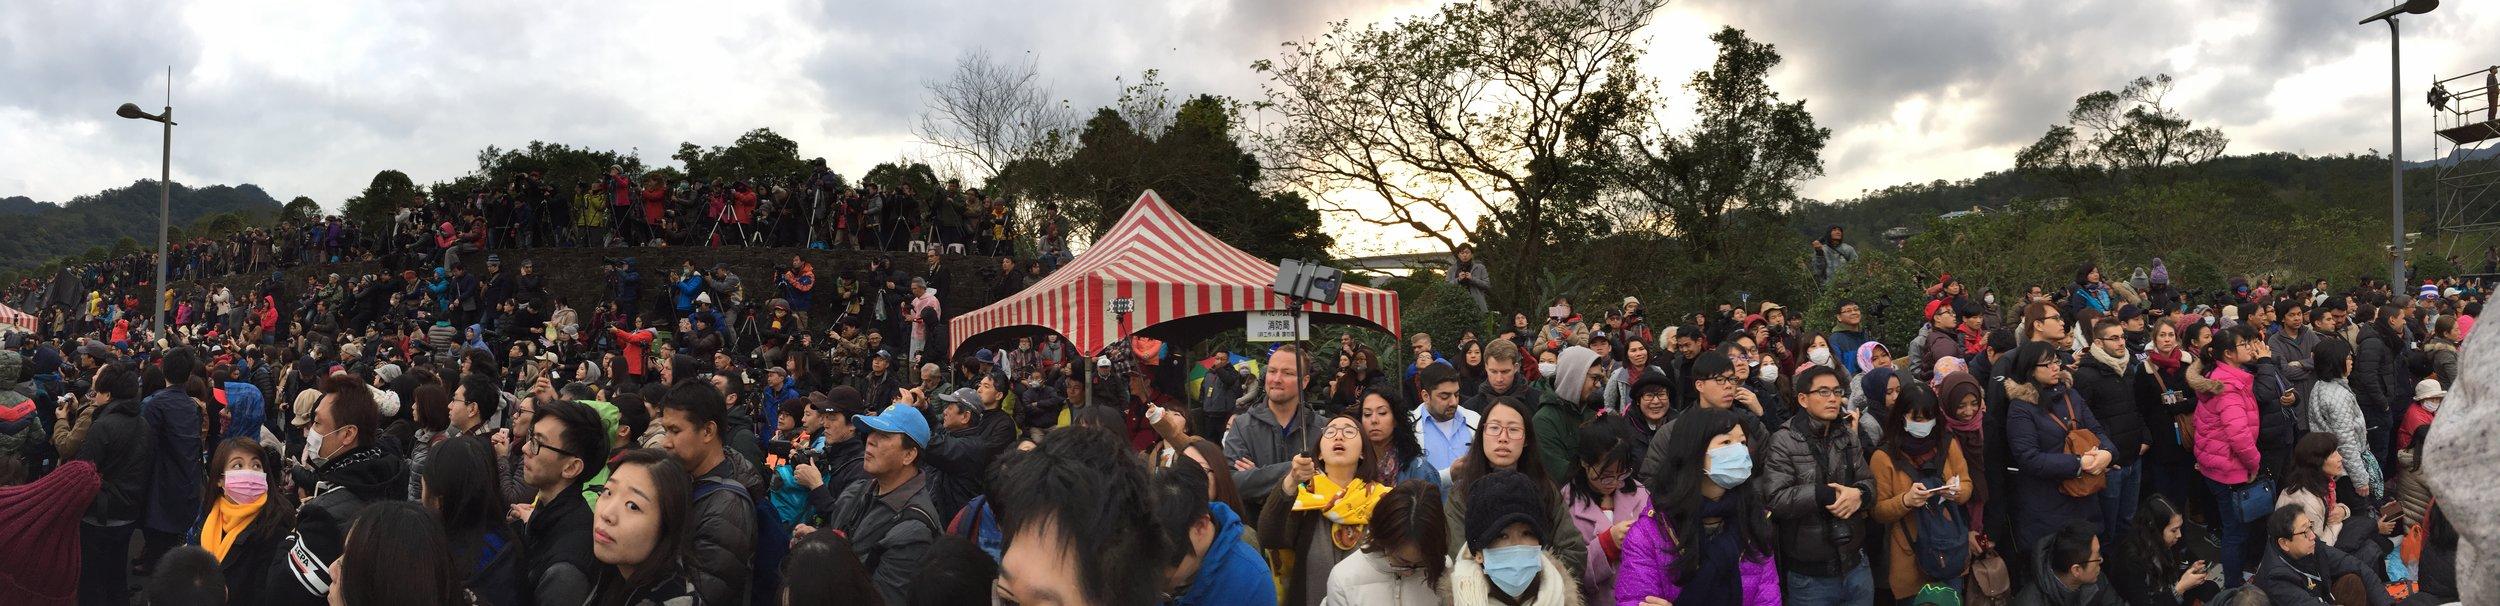 Pingxi Lantern Festival 16.JPG